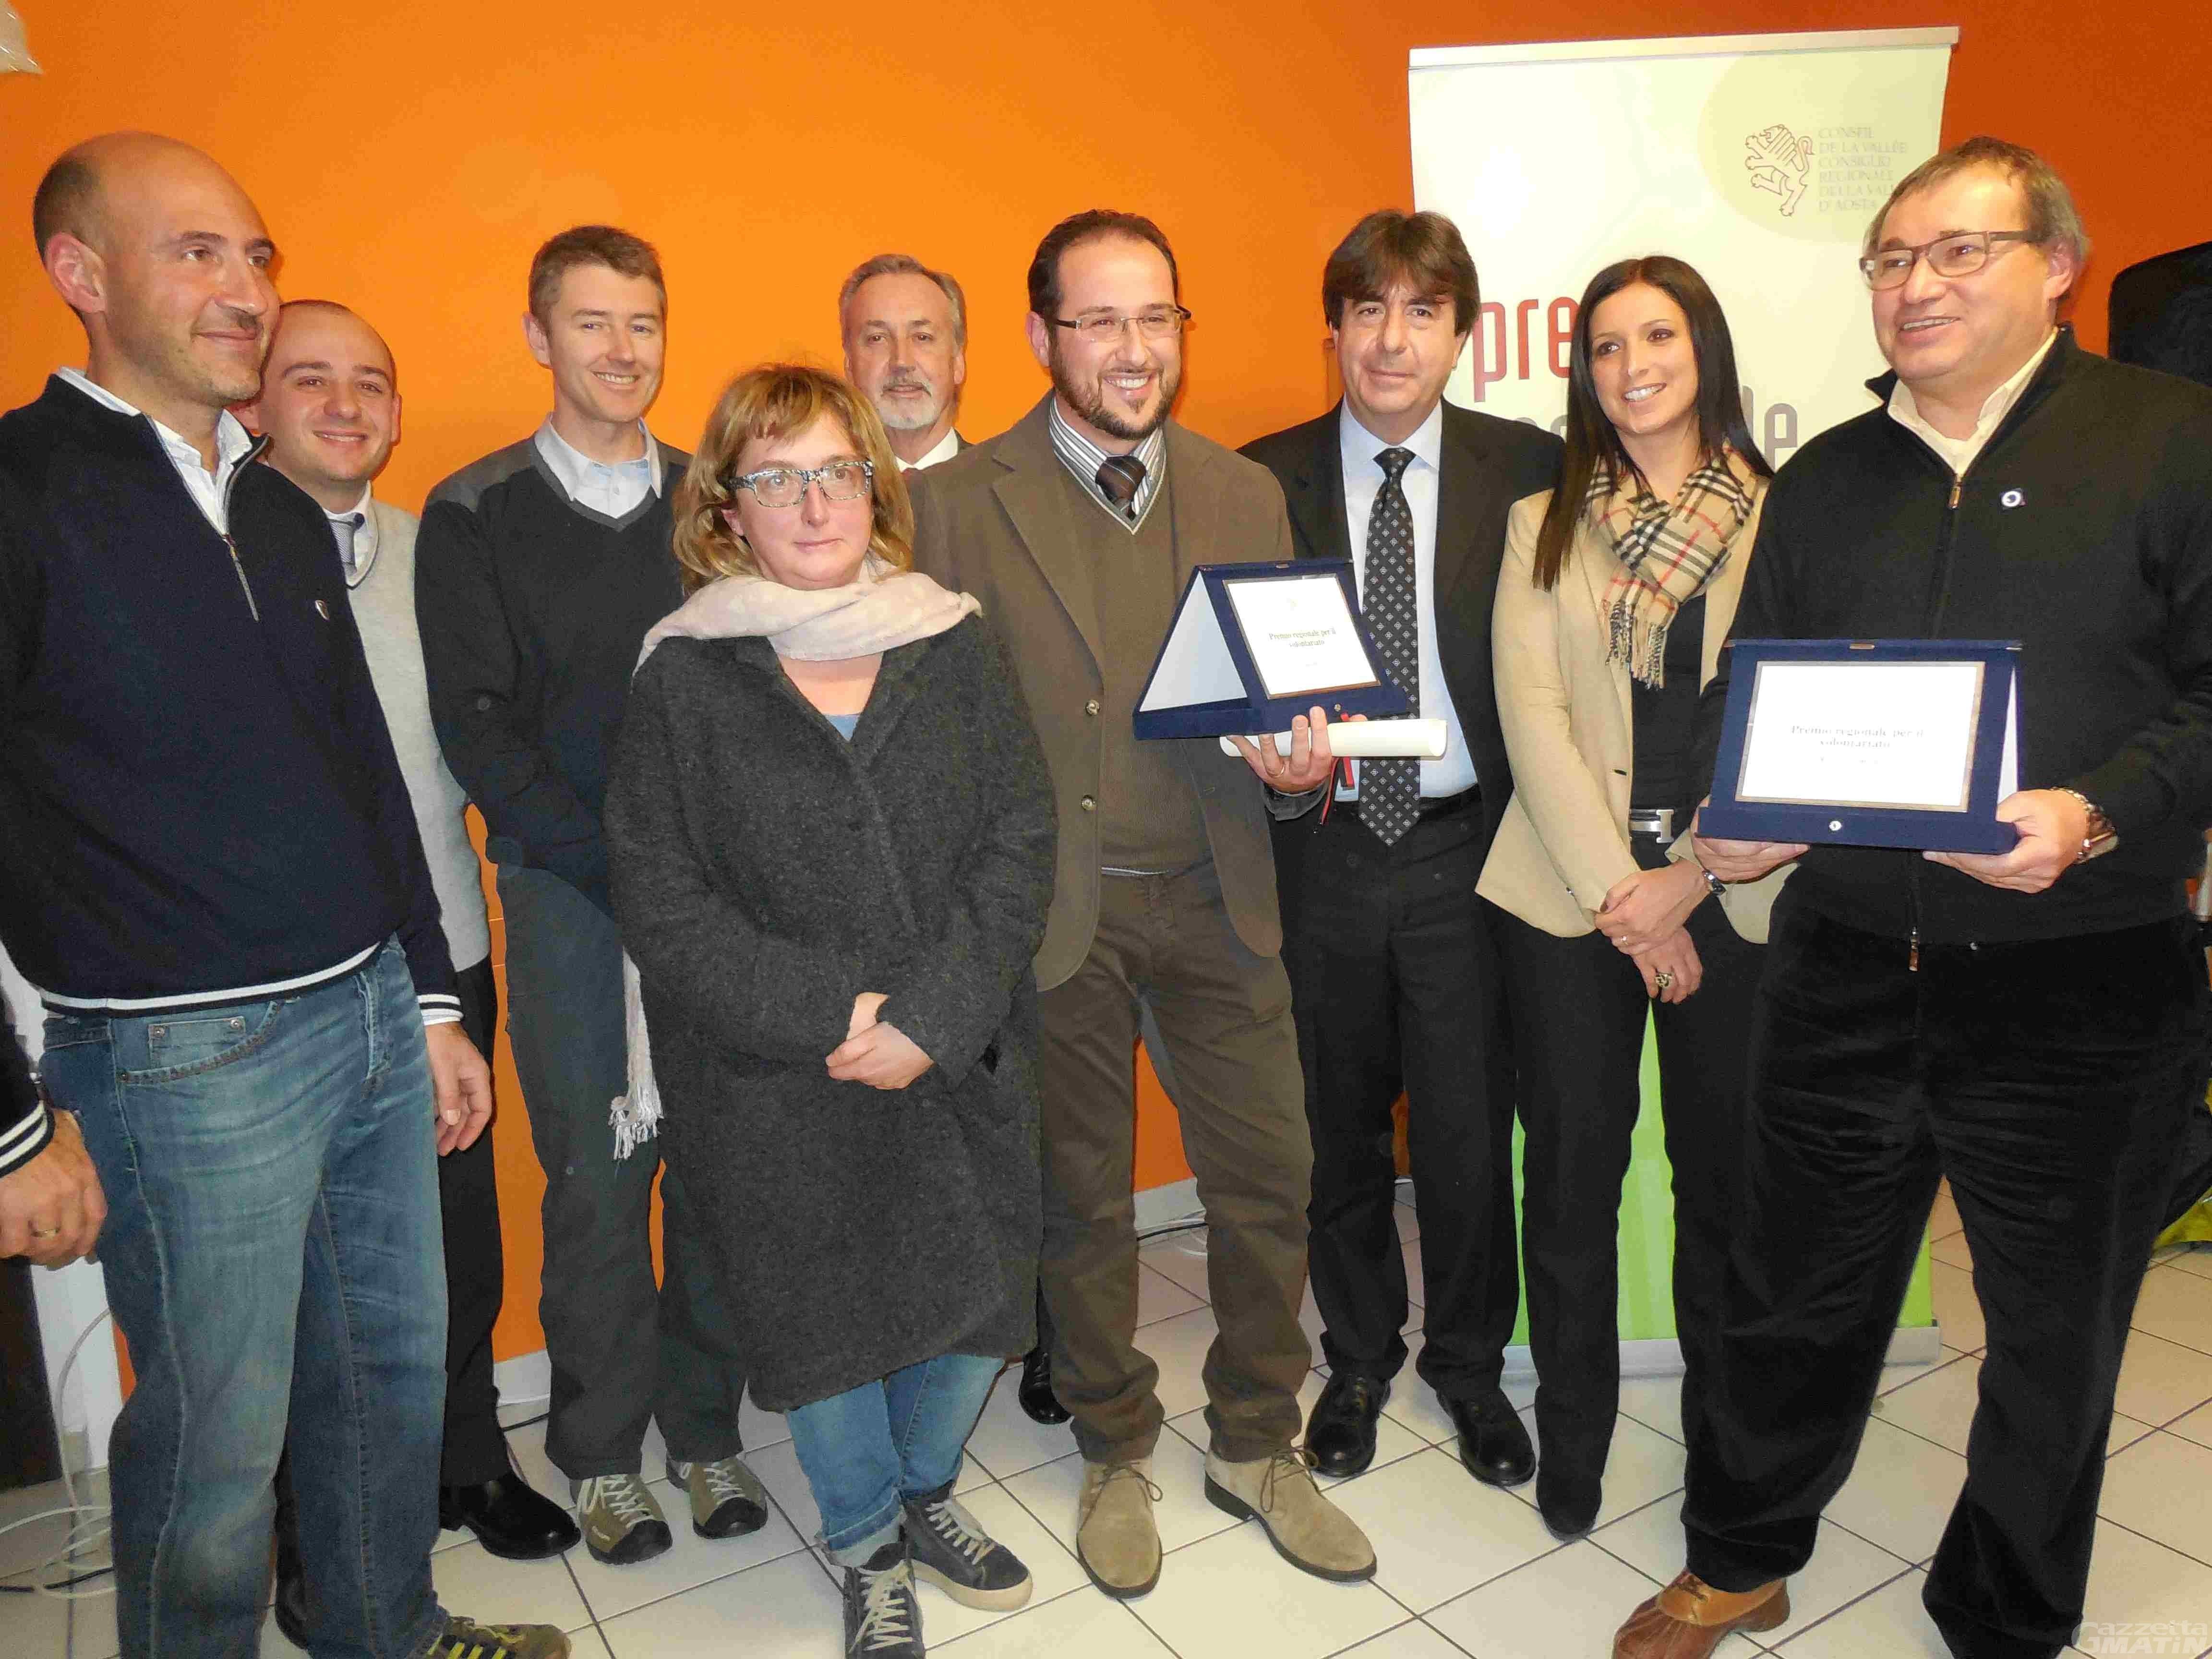 Il Premio regionale per il volontariato va  all'Associazione Autismo